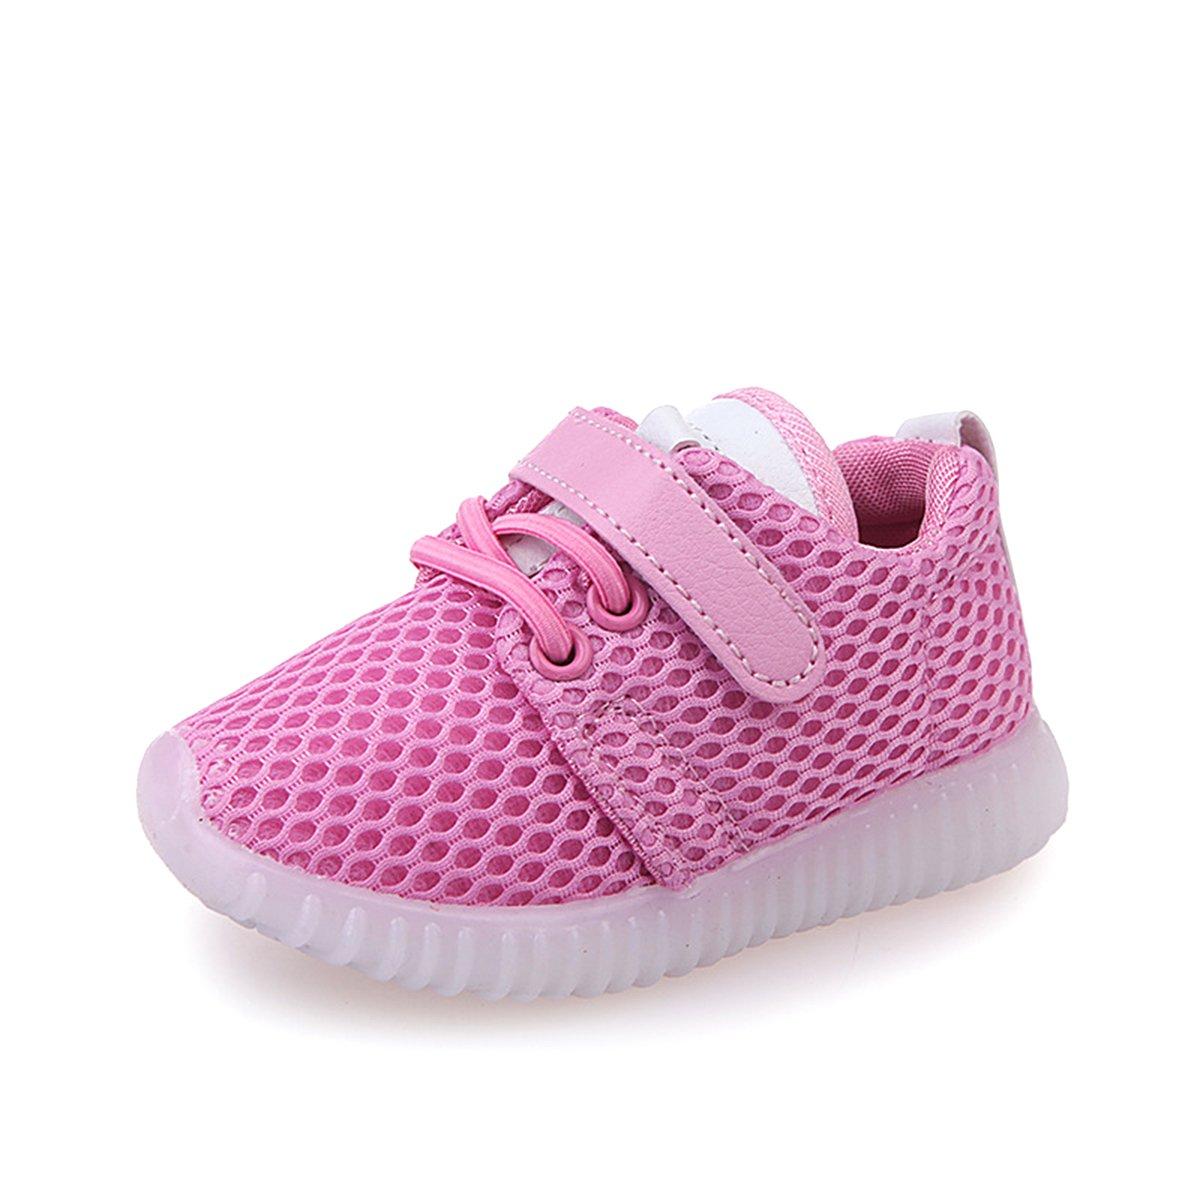 BESTOYARD Niños LED Light Up Sneakers Brillante Intermitente Gancho y Lazo Sujetador Zapatos Deportivos Para Niños Niñas - Tamaño 30 (Rosa) S30H67111485LG